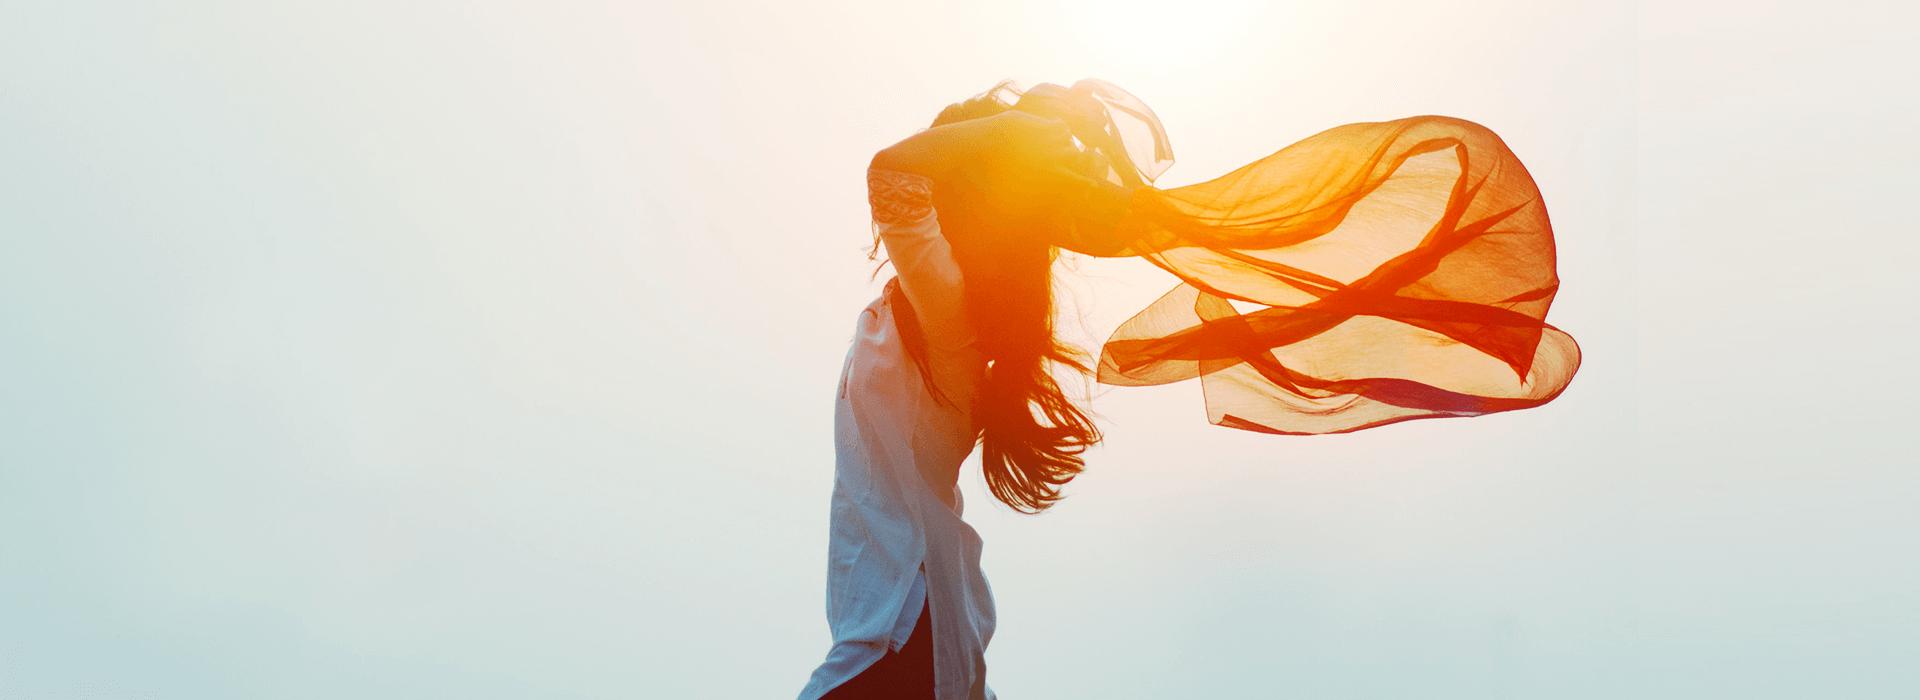 Meditaciones para ansiedad